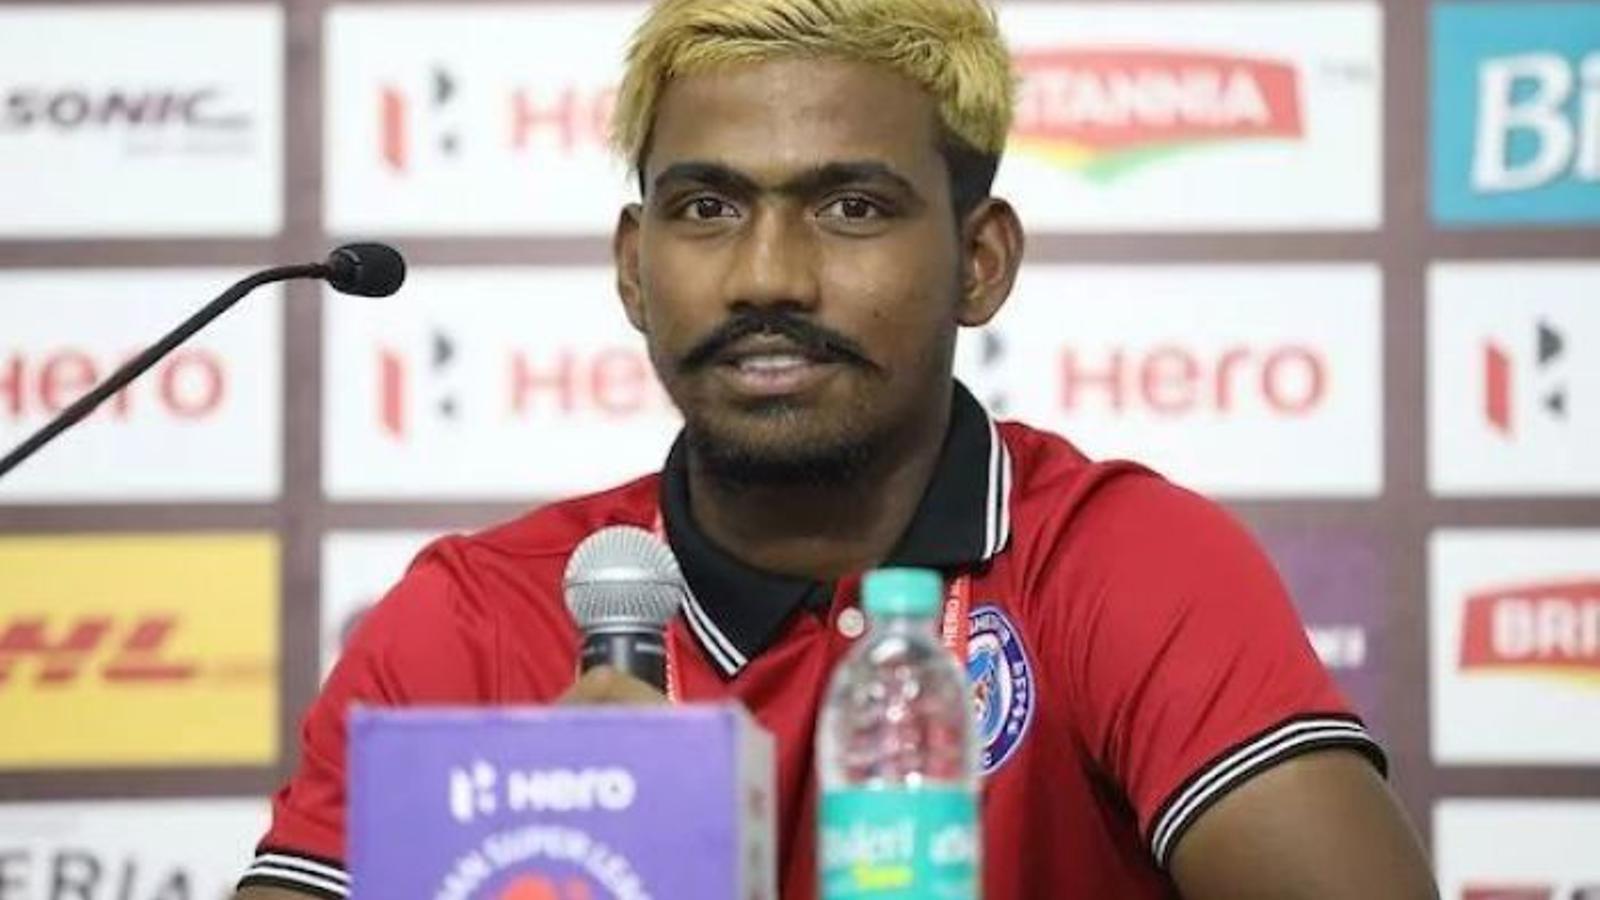 Gourav Mukhi, el jugador que va dir que tenia 16 anys quan en realitat en té 28